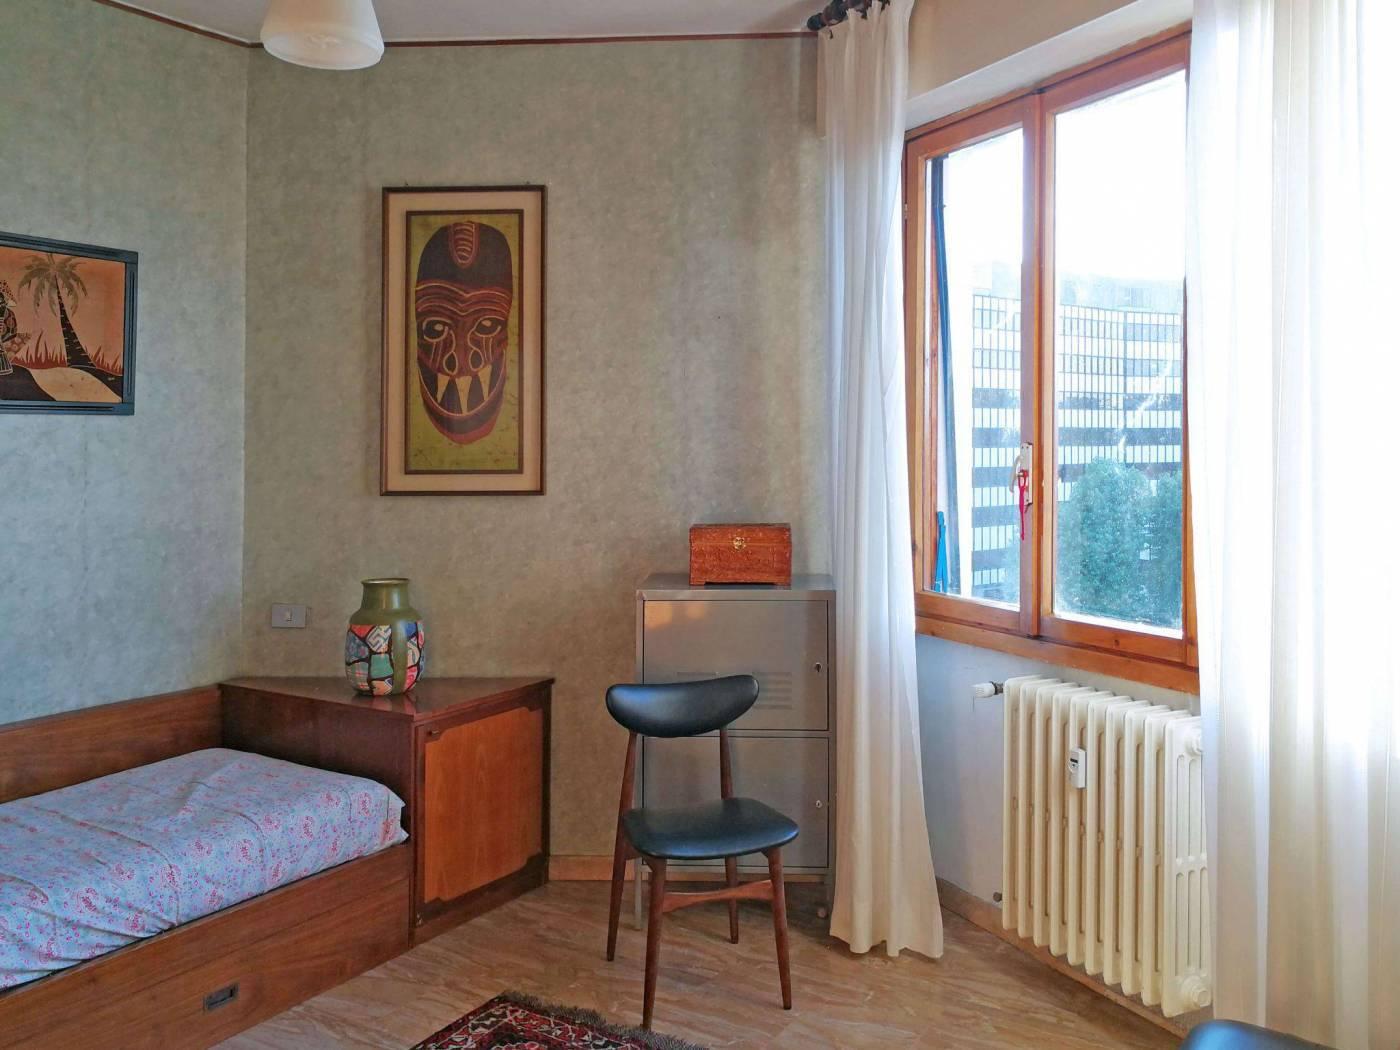 appartamento-in-vendita-milano-baggio-san-siro-forze-armate-quadrilocale-4-locali-quattro-spaziourbano-immobiliare-vende-10